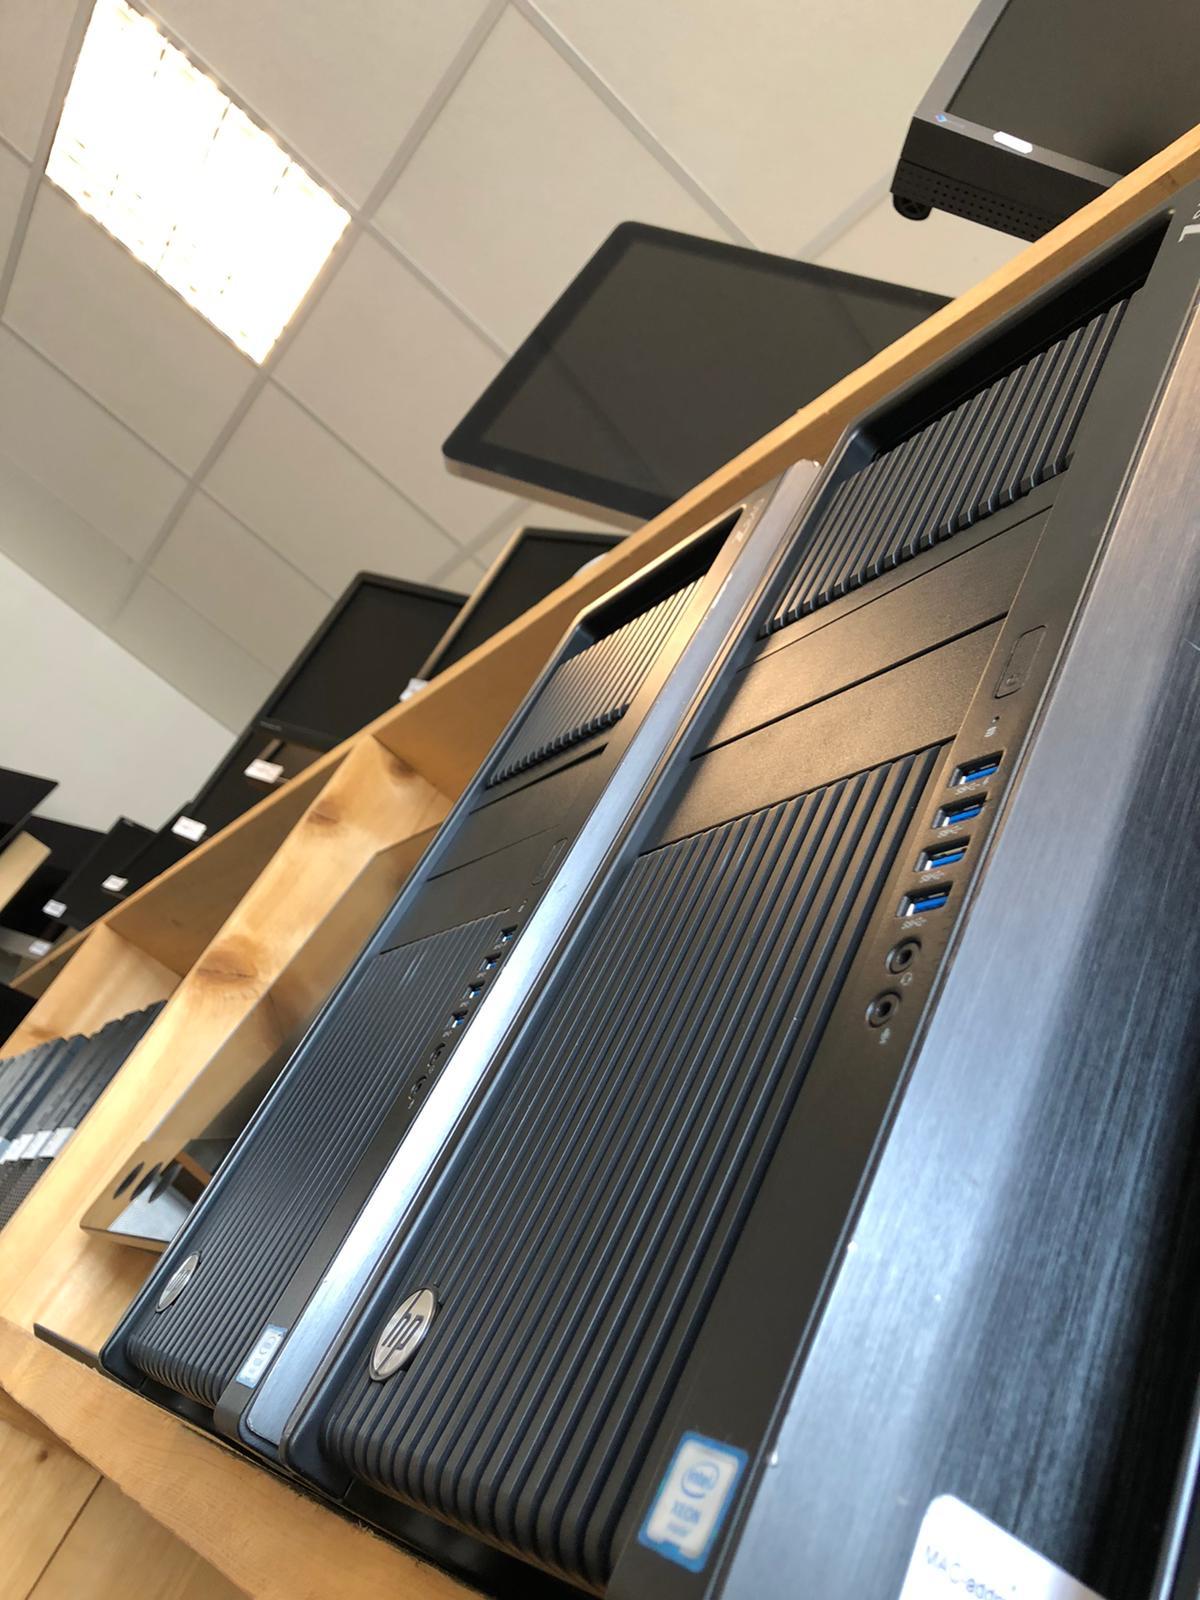 Vind een refurbished workstation die bij jou past op DubbelGaaf.nl.